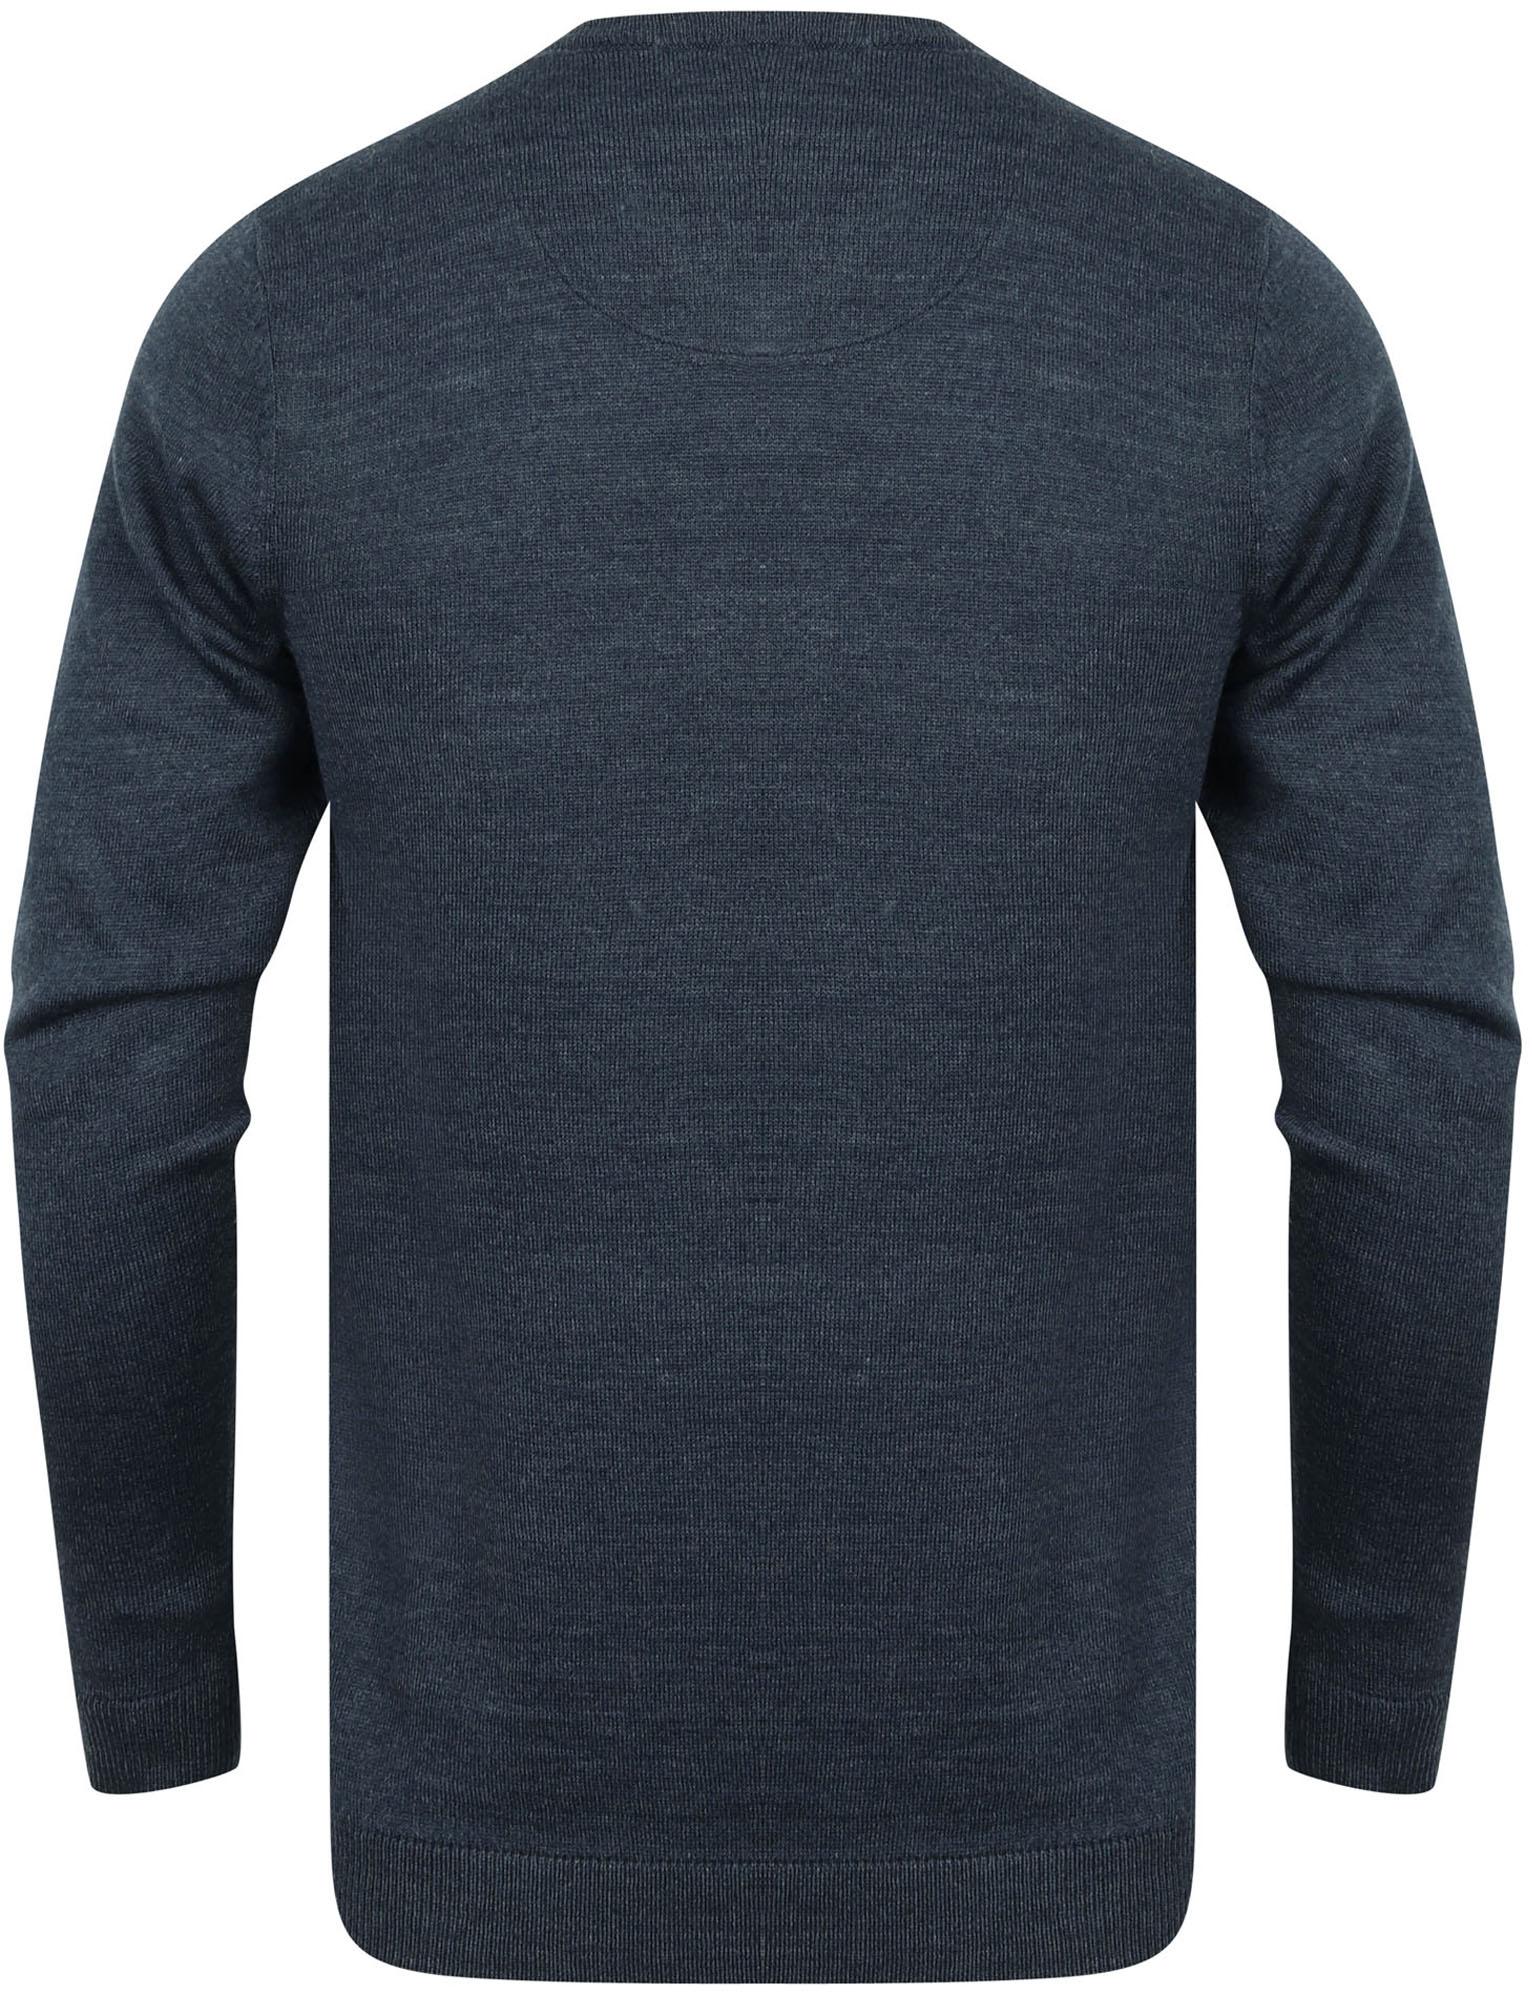 Kensington-Eastside-Men-039-s-Knitted-Crew-or-V-Neck-Jumper-Sweater-Top-Pullover thumbnail 37